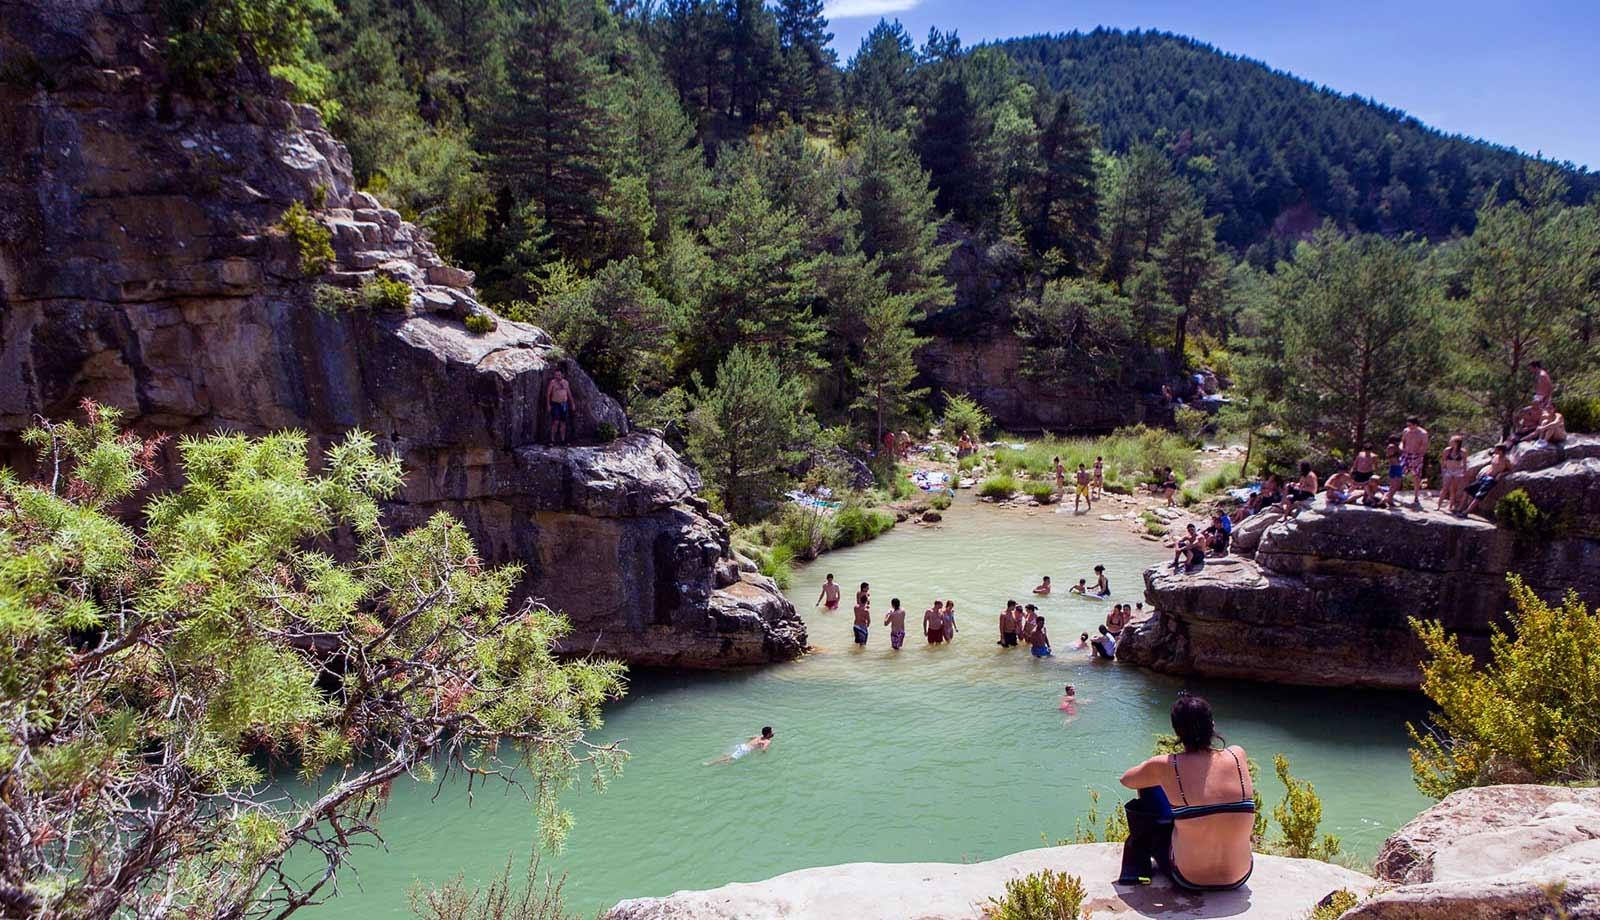 Cinco-Villas-Pigalo-Luesia-Turismo-rutas-rural-españa-aragon-huesca-zaragoza-teruel-basque